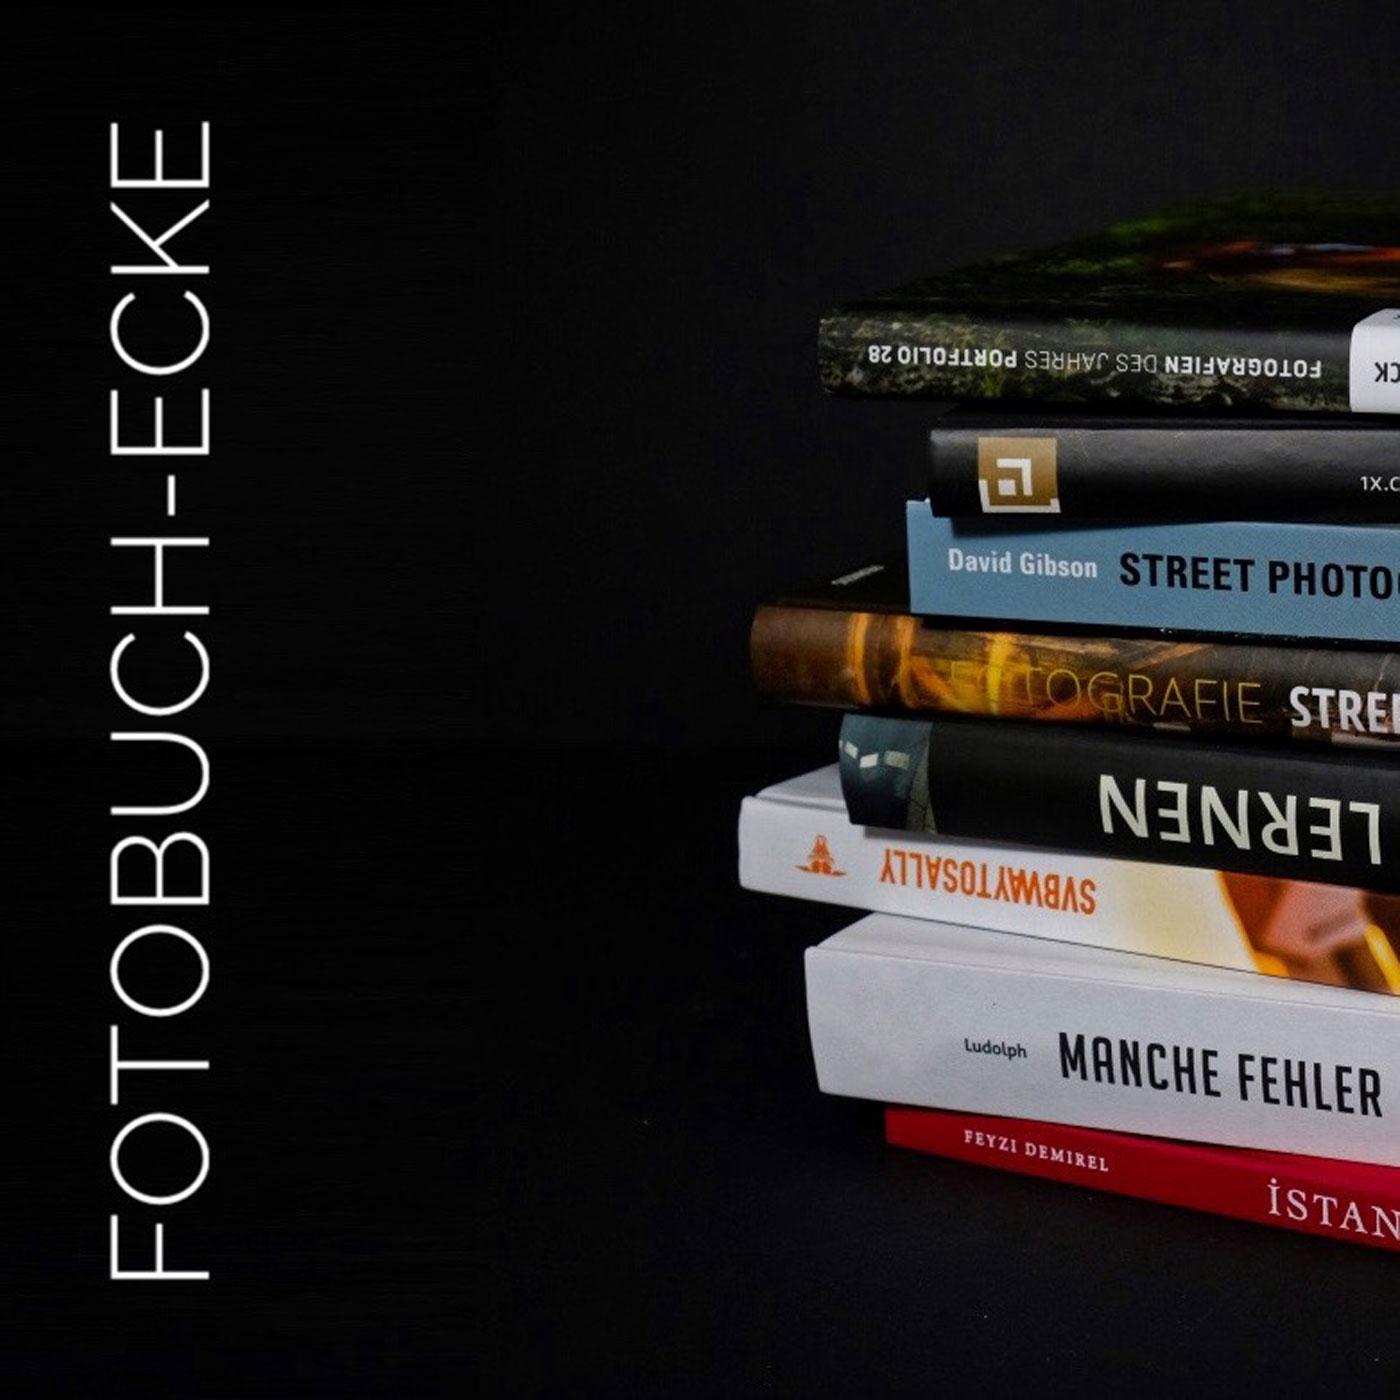 Fotobuch-Ecke - Der Fotobuch-Podcast